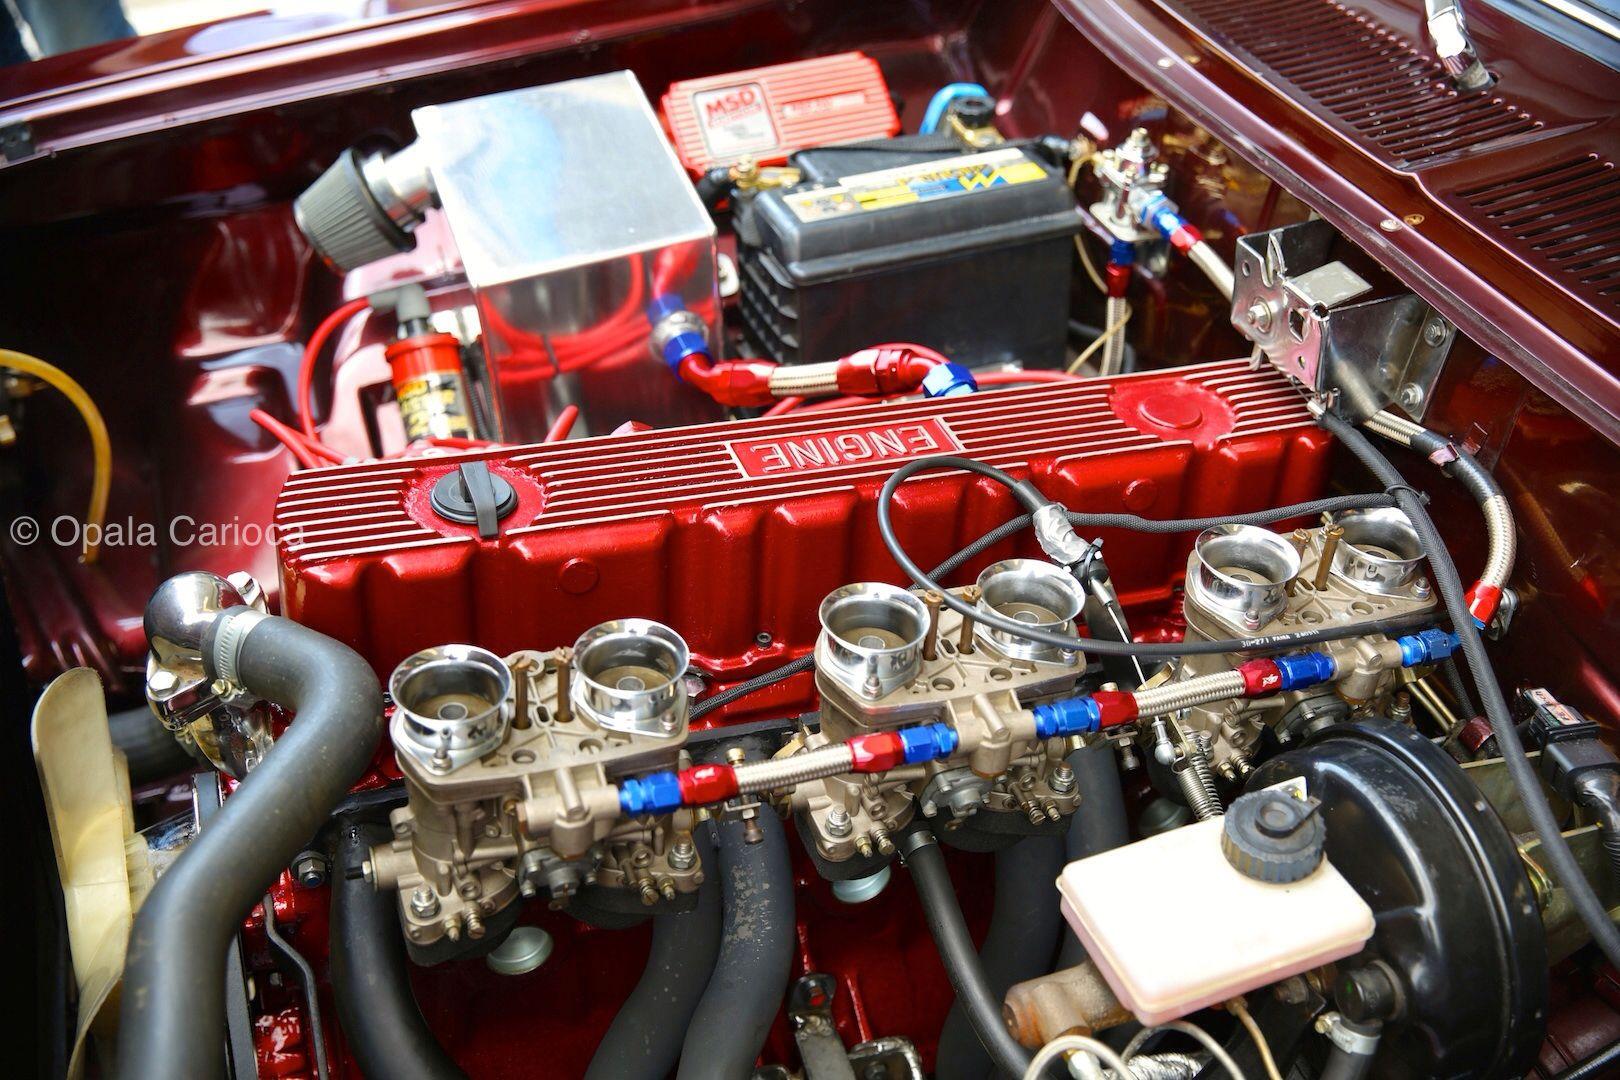 Motor do Opala Comodoro, categoria TO #312 de Fernando Leme